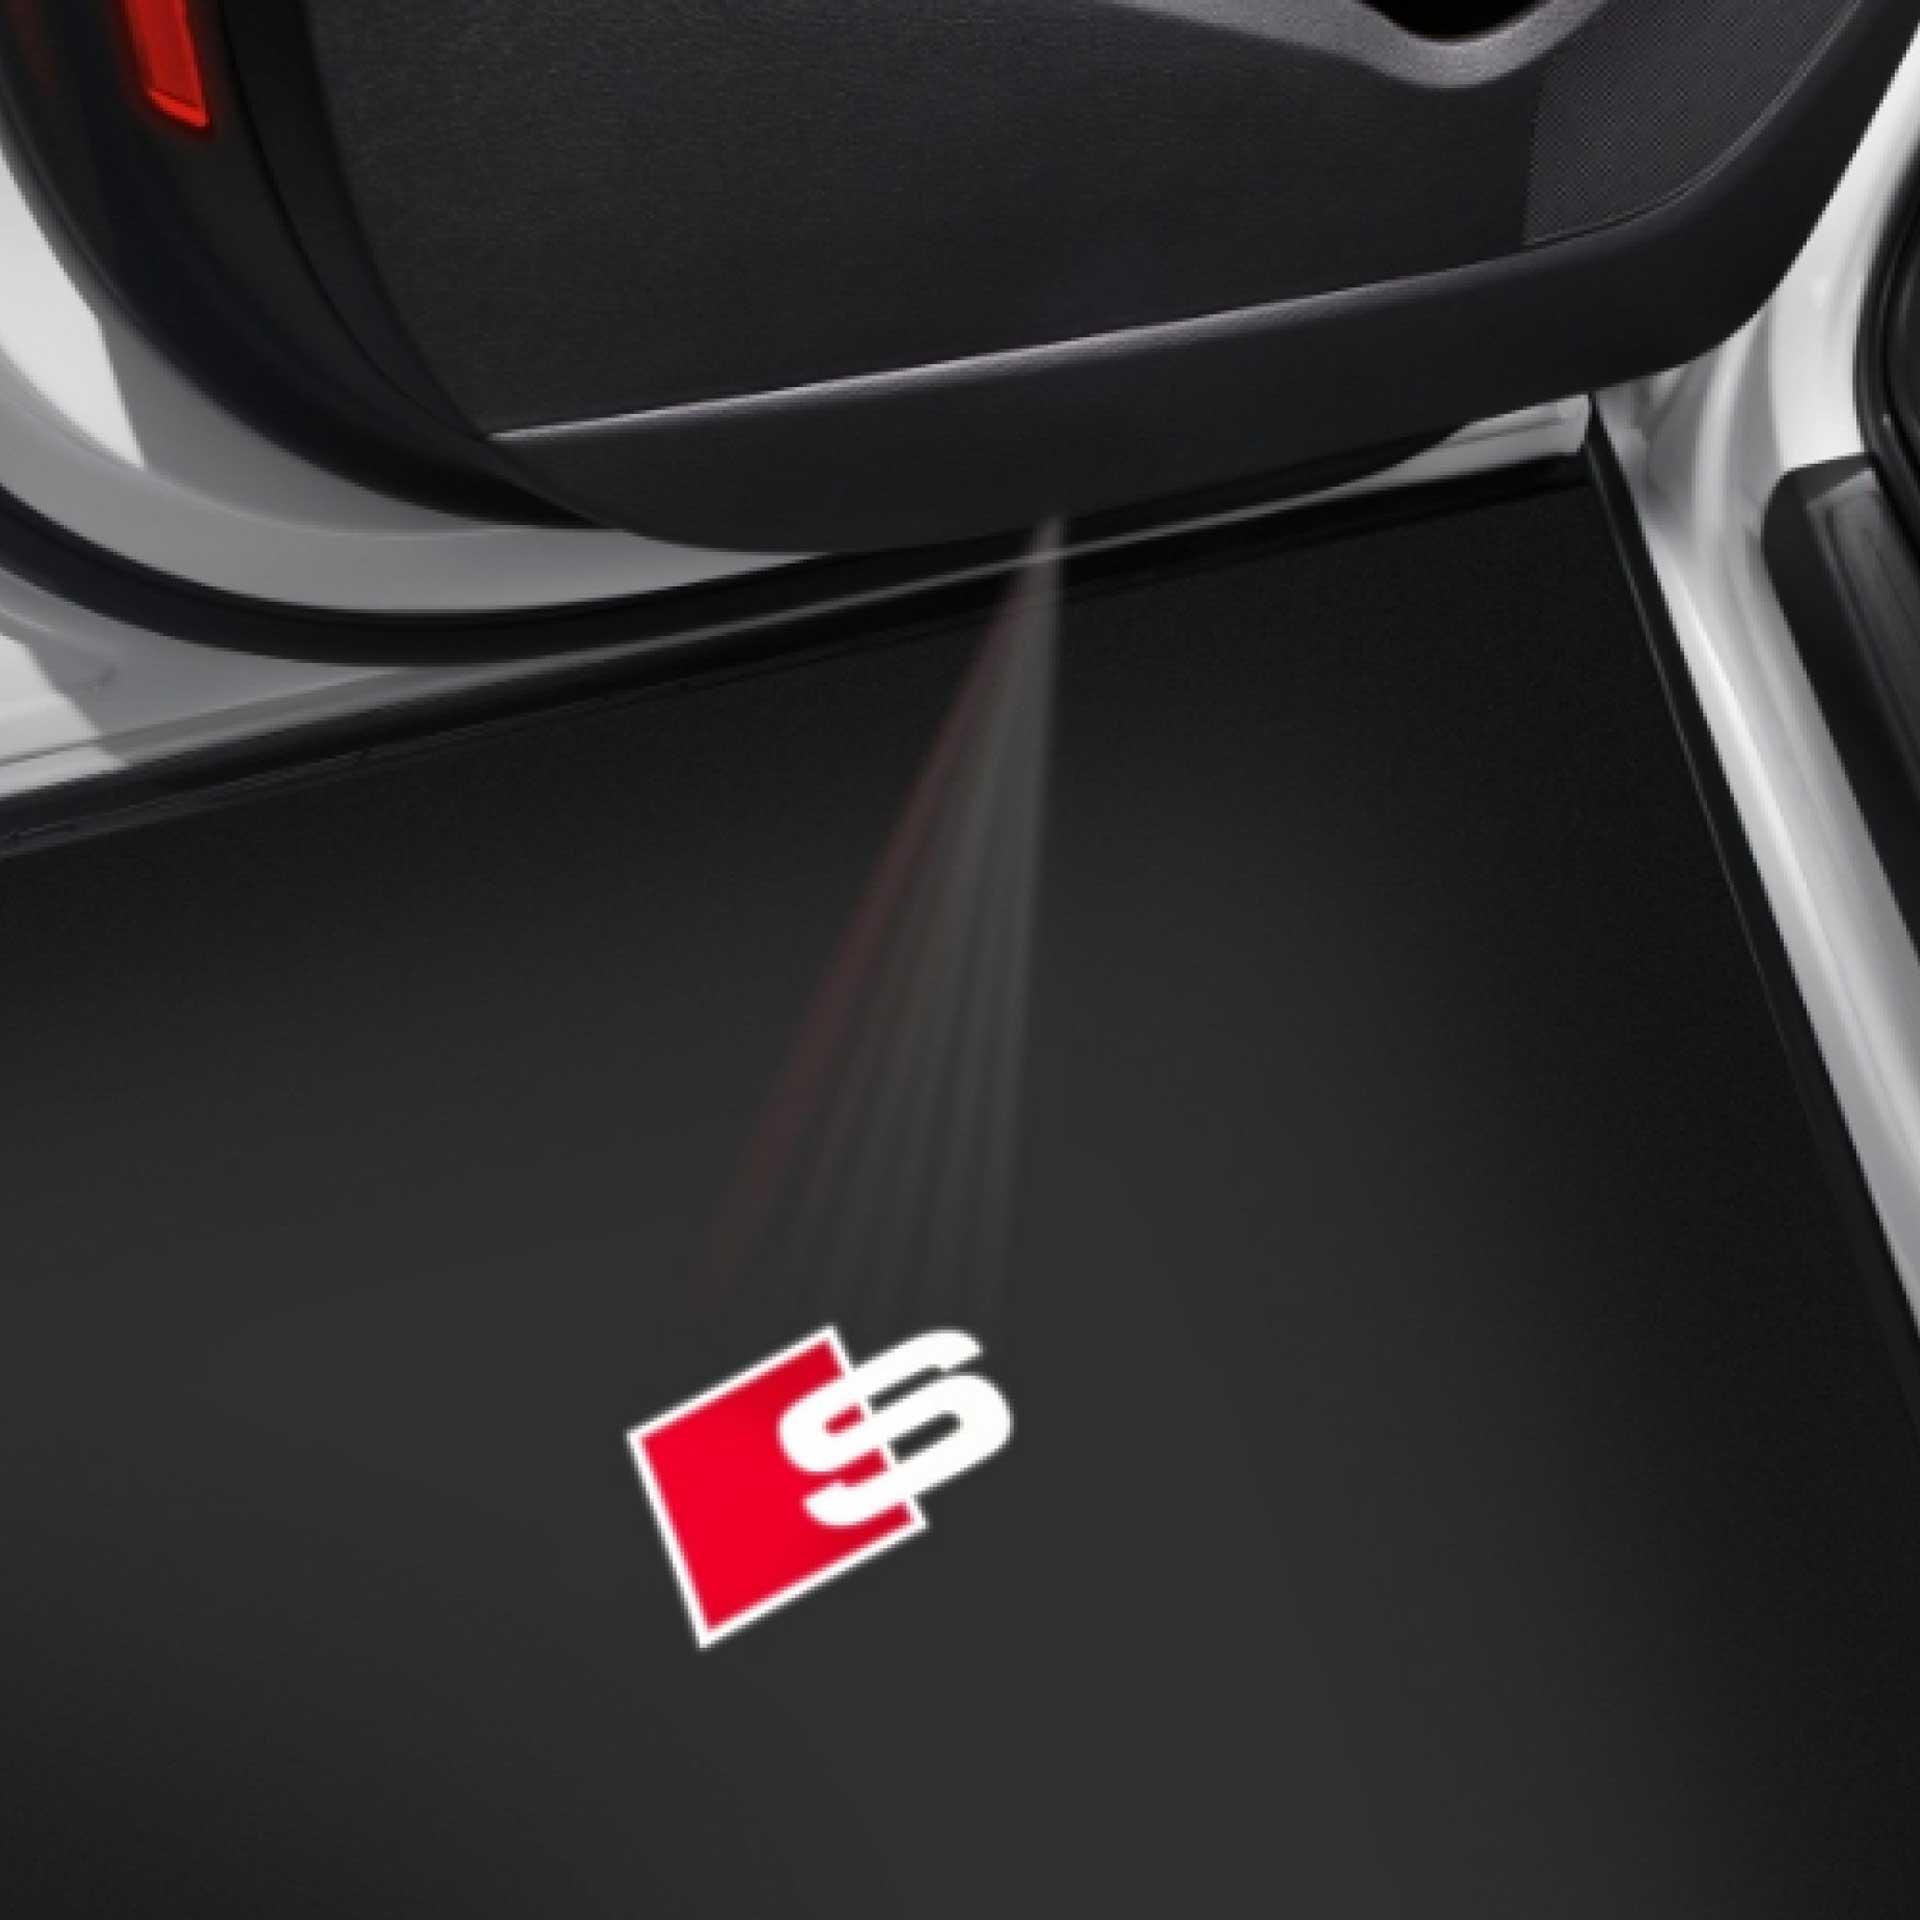 Audi Einstiegs-LED Projektor S-Logo für Fahrzeug mit LED Einstiegsleuchten